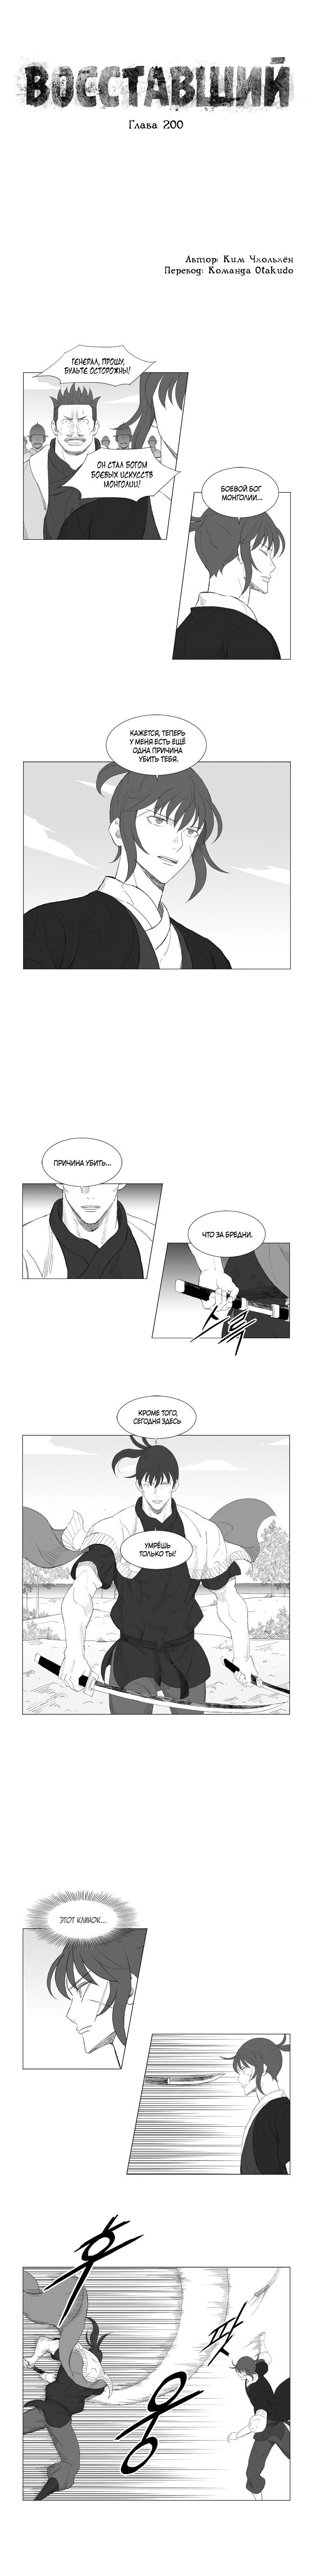 https://r1.ninemanga.com/comics/pic3/39/28263/1323035/1552582847821.png Page 1